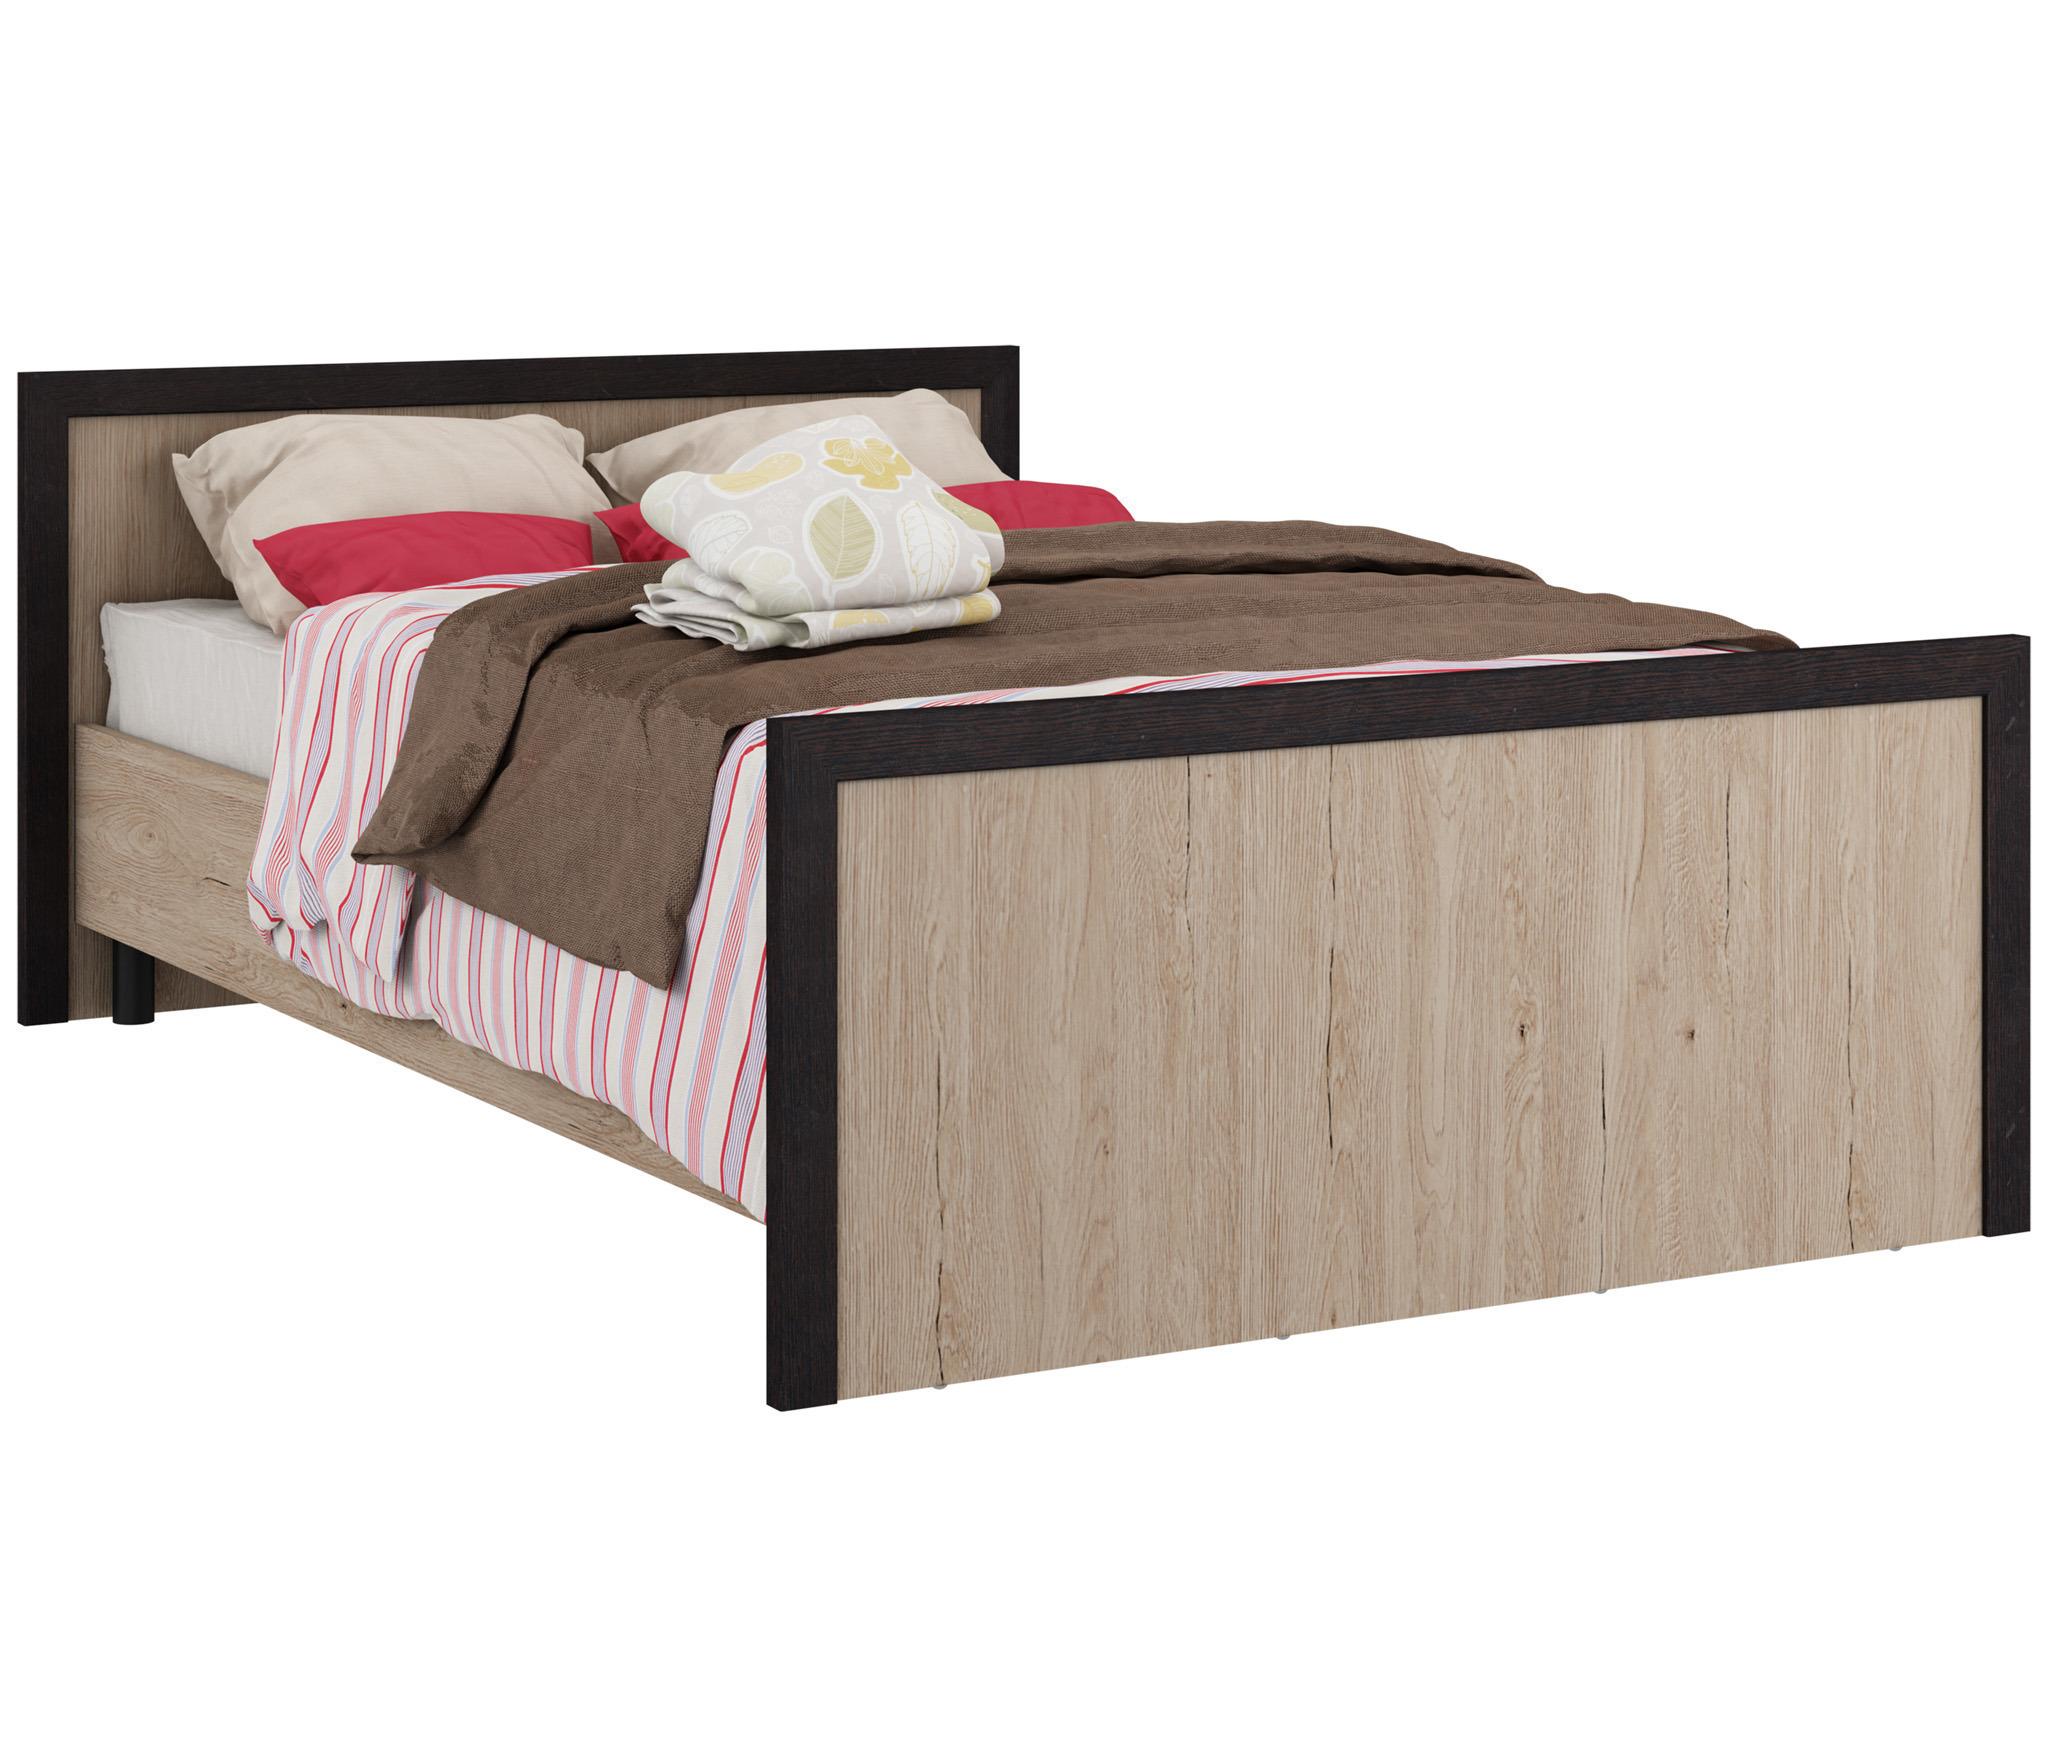 Джорджия СБ-2288 Кровать 1400Кровати<br>Обновляете спальню? У нас есть кое-что для вас. Джорджия СБ-2288   кровать, сочетающая в себе стильный внешний вид и повышенный комфорт. Прямоугольные элементы образуют лаконичный силуэт, который отлично впишется в любую современную комнату. Преобладающий светлый оттенок кровати облегчает тяжелые контуры, в то время как темная окантовка вносит завершающие нотки в дизайн.&#13;Джорджия СБ-2288  – выбор людей, которые ценят не только превосходный внешний вид, но и высокое качество. Надежная конструкция и только лучшие материалы гарантируют долговечность кровати. Можете не беспокоиться – вы сделали правильный выбор!&#13;Ортопедическое основание в комплект не входит. Дополнительно рекомендуется приобрести основание СВ-1400 или металлическое ортопедическое основание 1400*2000.<br><br>Длина мм: 1577<br>Высота мм: 791<br>Глубина мм: 2058<br>Ширина спального места: 1400<br>Длина спального места: 2000<br>Особенности: Двухспальная<br>Матрас в комплекте: Нет